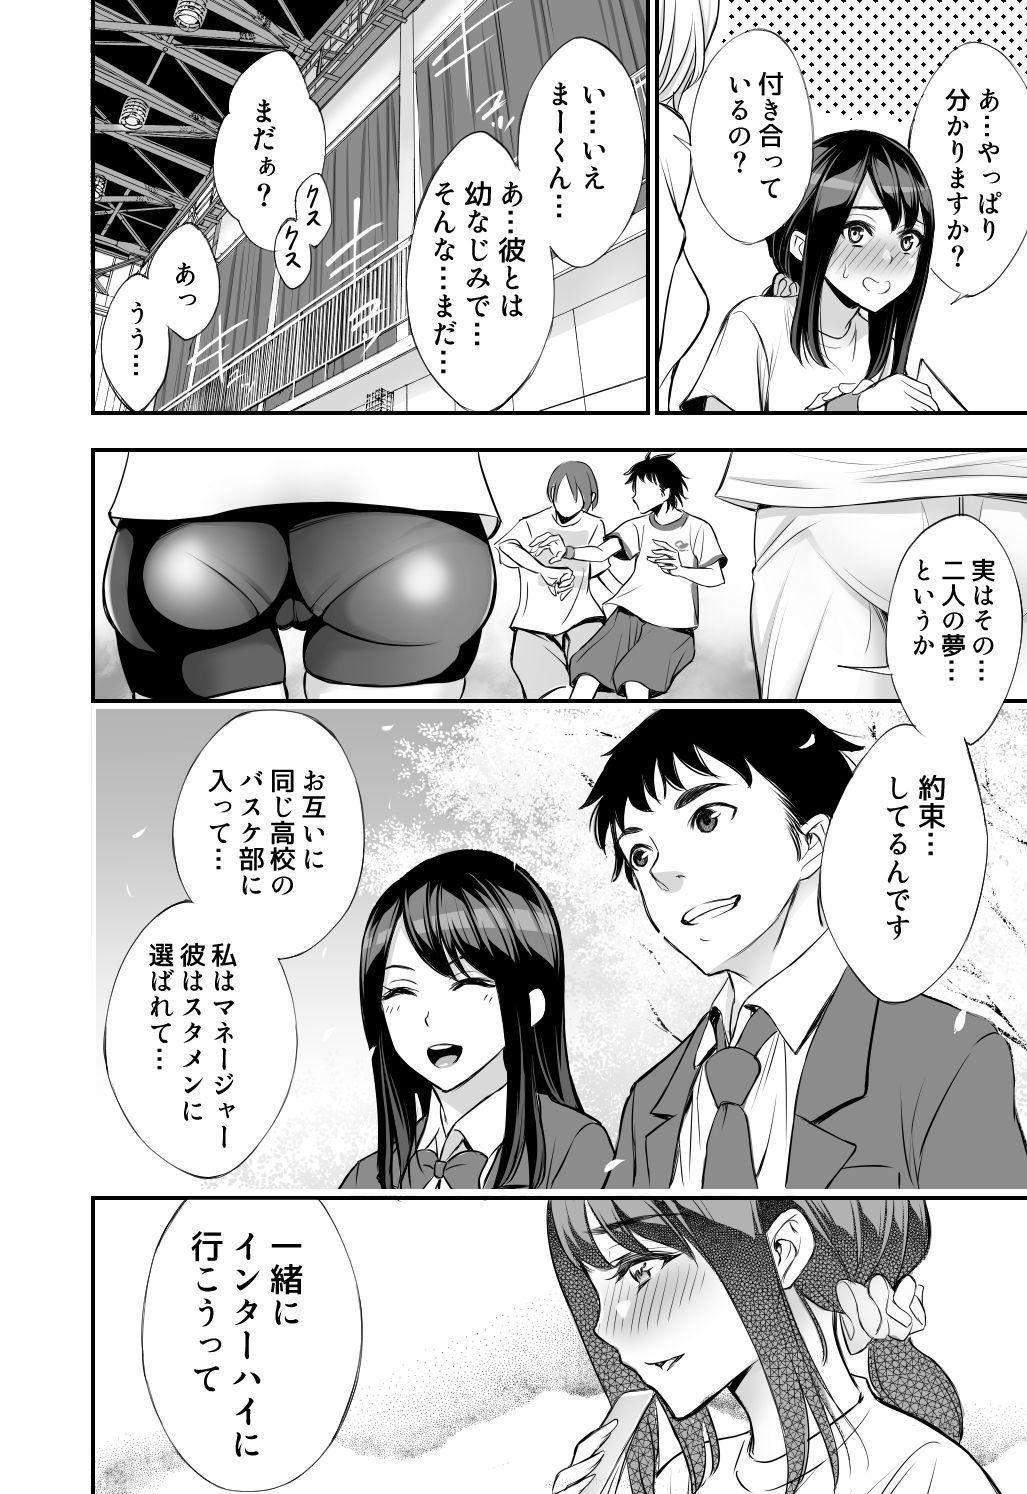 Futari no Yakusoku 4